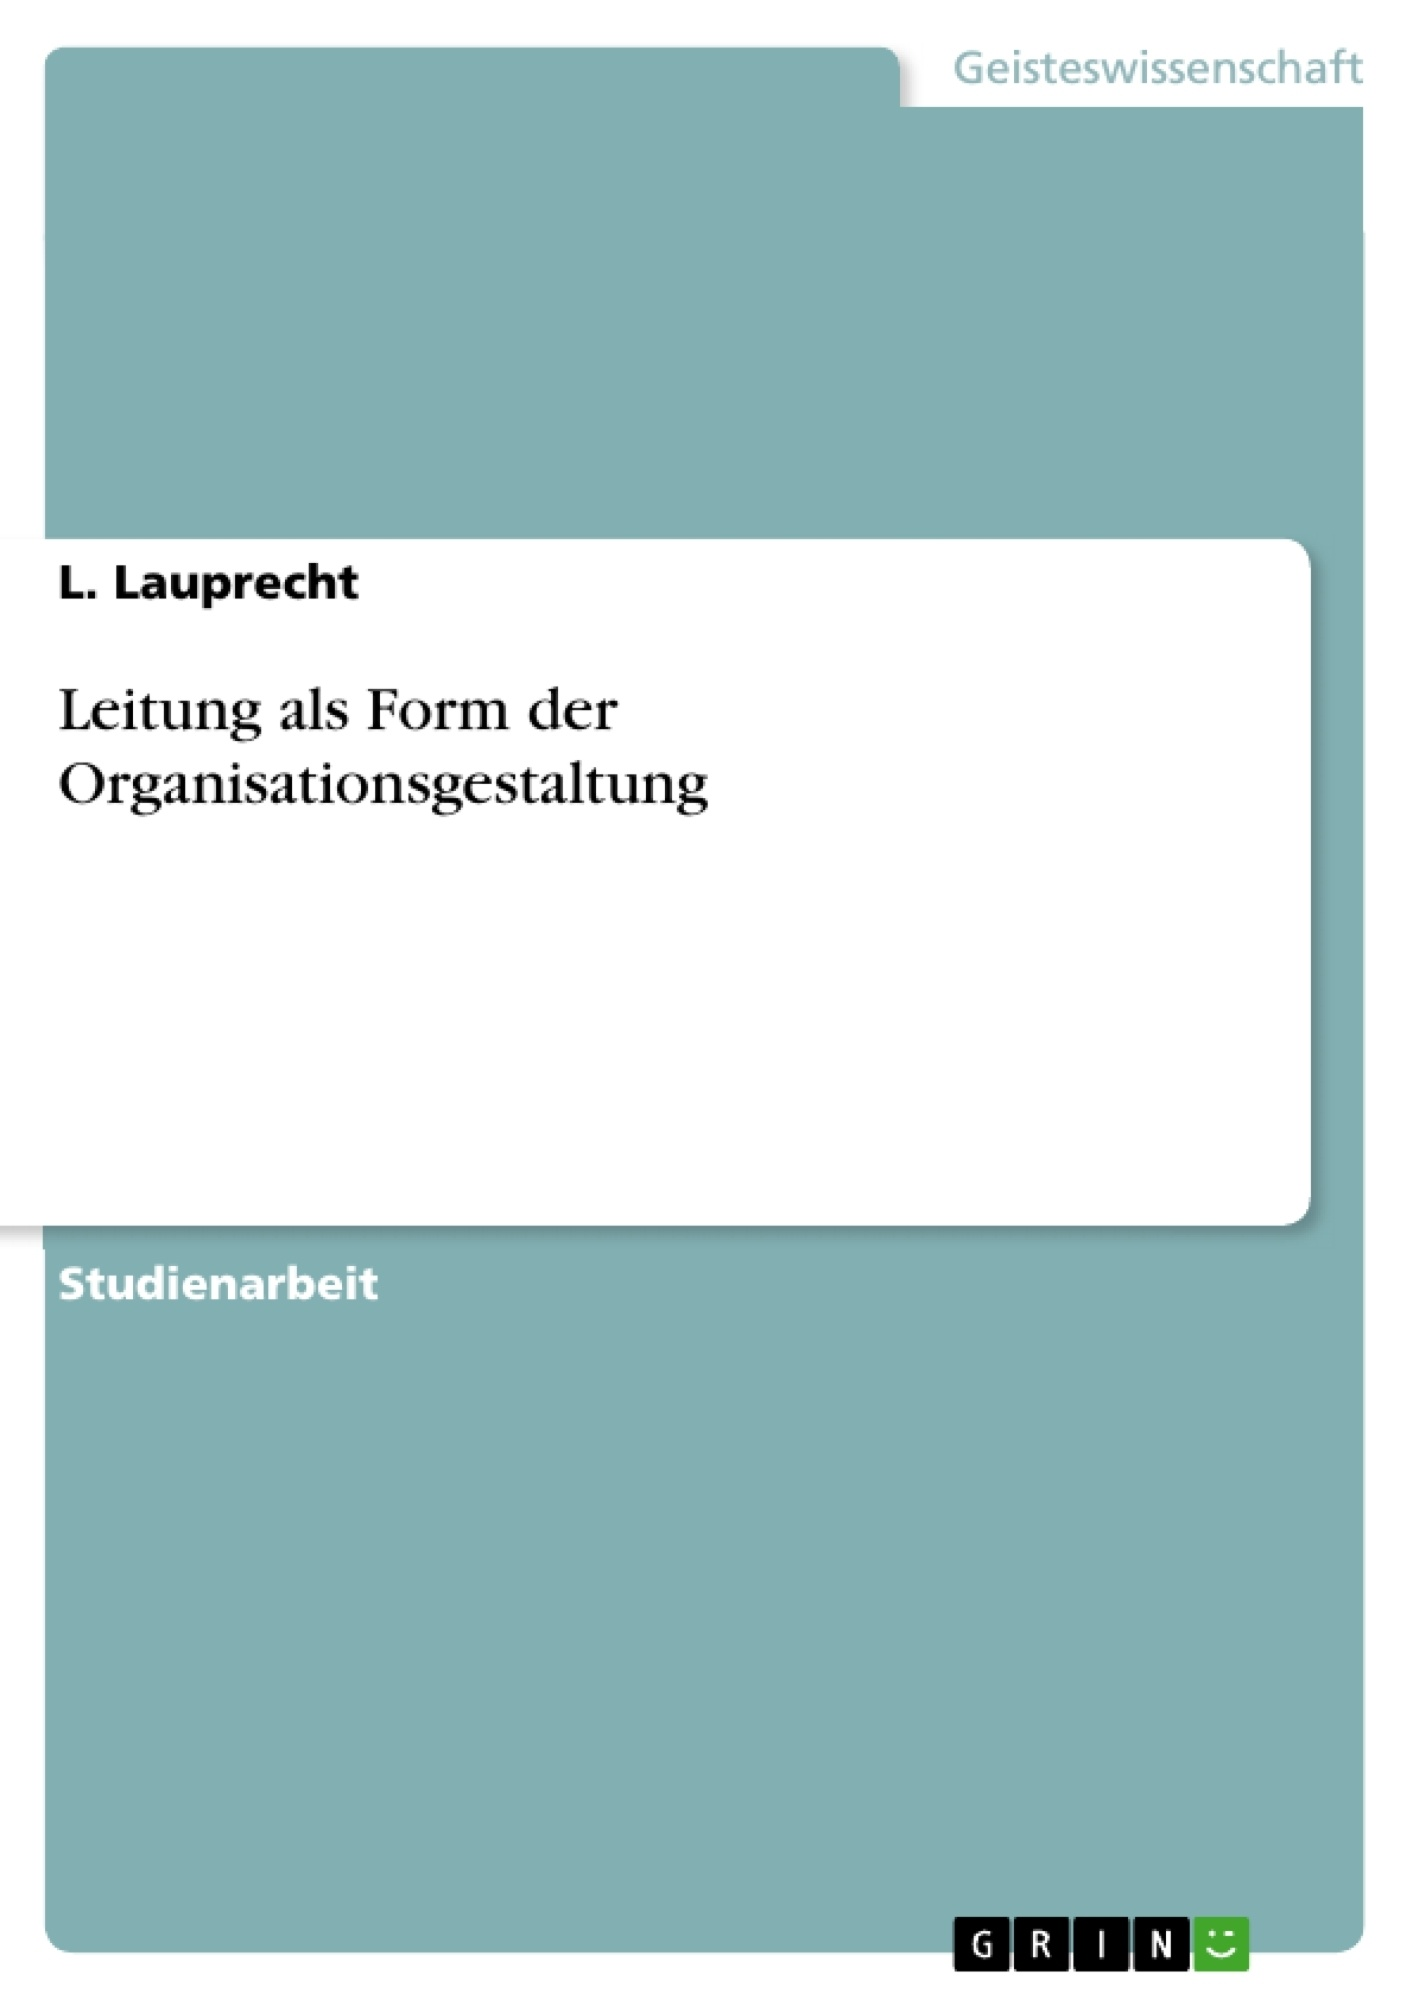 Titel: Leitung als Form der Organisationsgestaltung